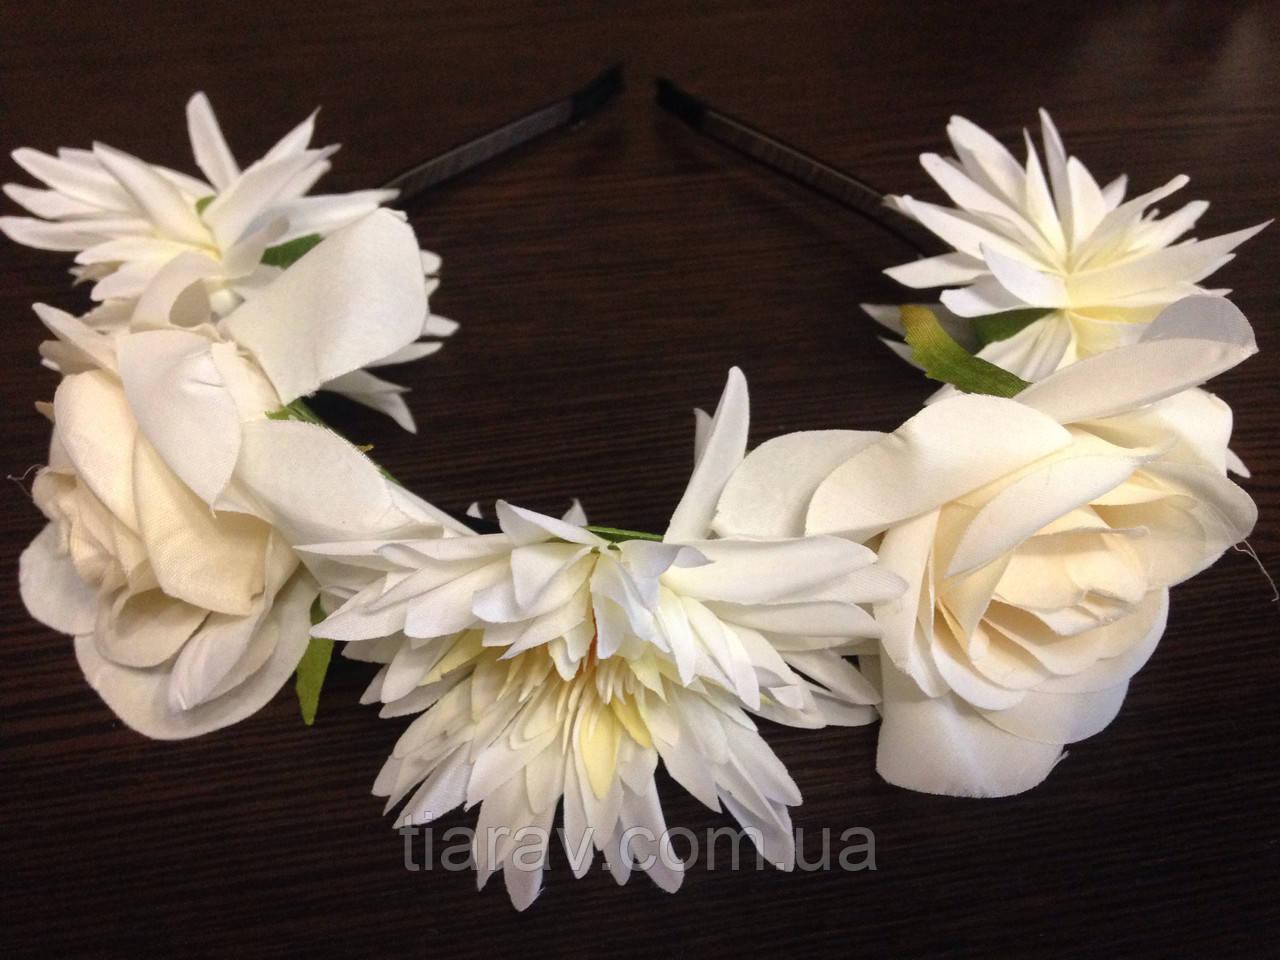 Обруч для волос с цветами, ободок, венок на голову с цветами